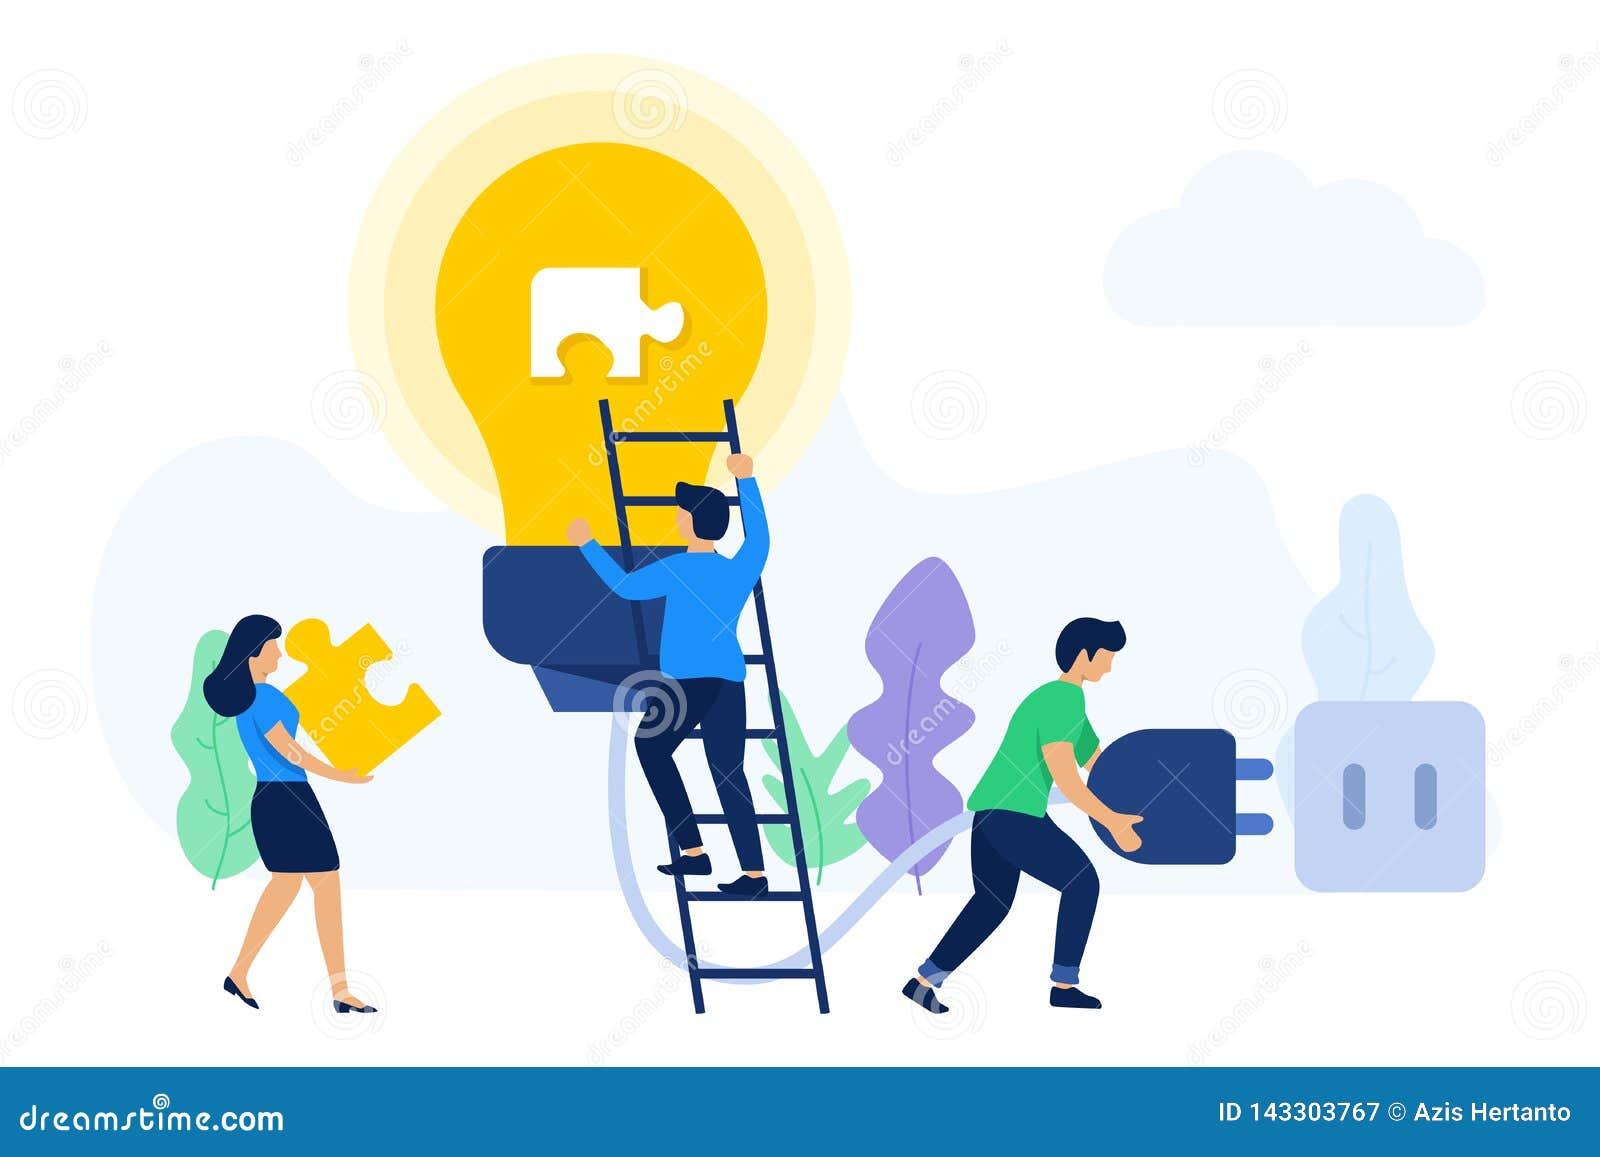 Kreatywnie praca zespołowa szuka pomysły i rozwiązania